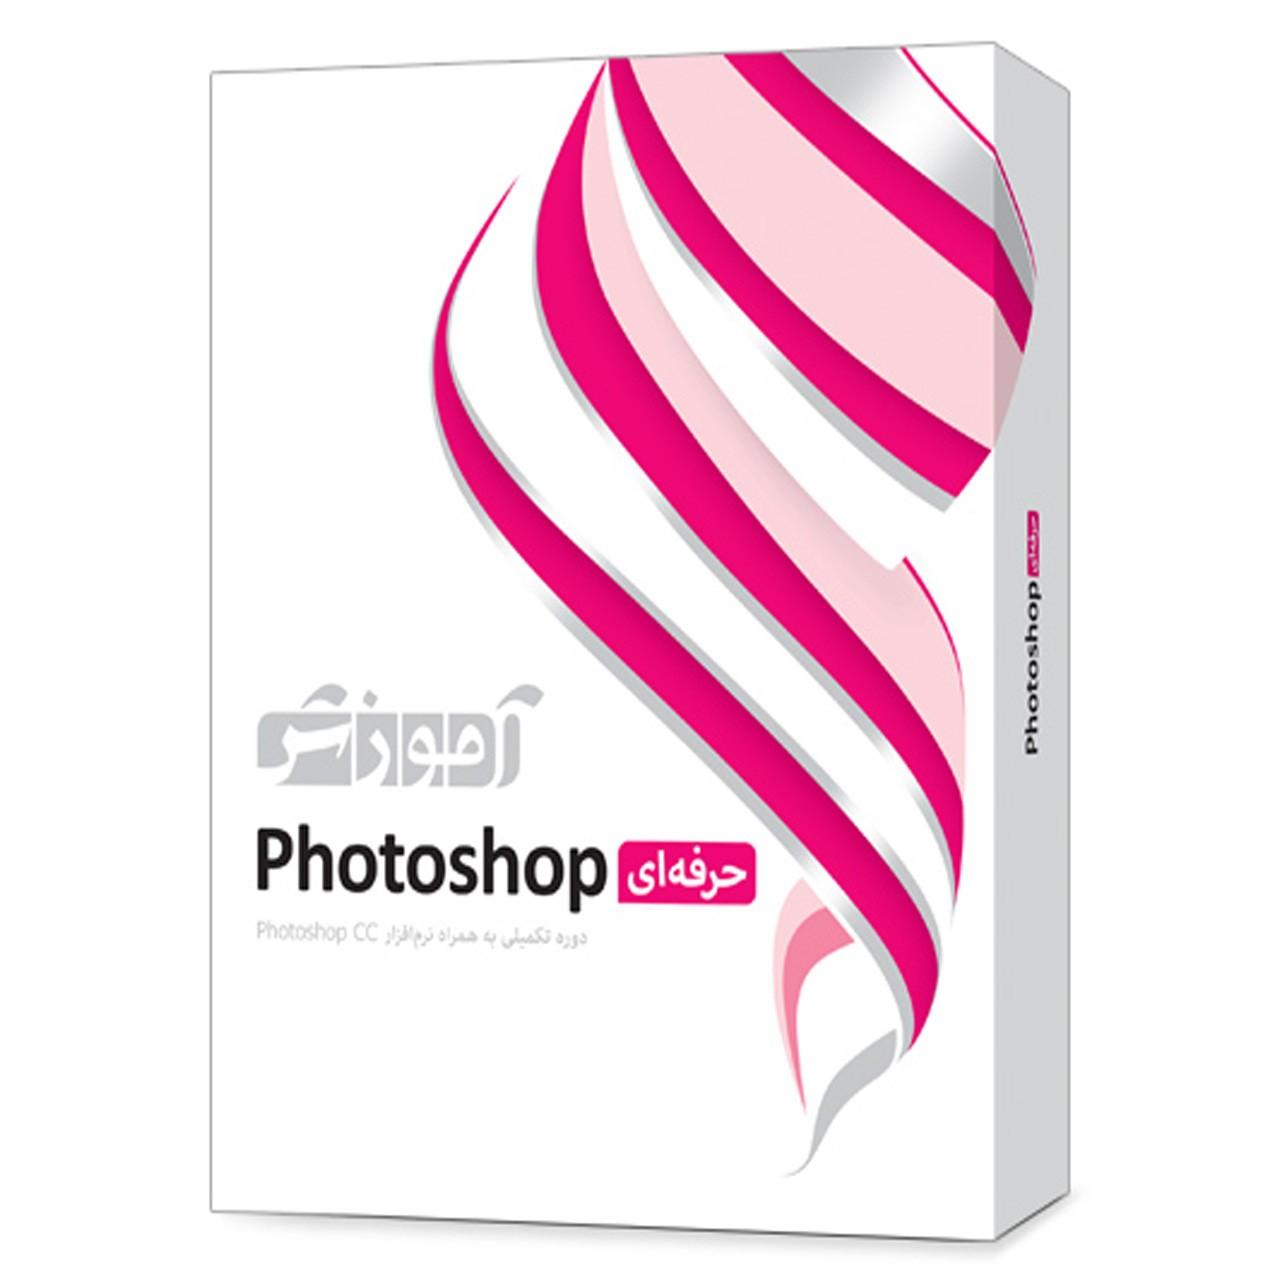 آموزش نرم افزار Photoshop حرفه ای